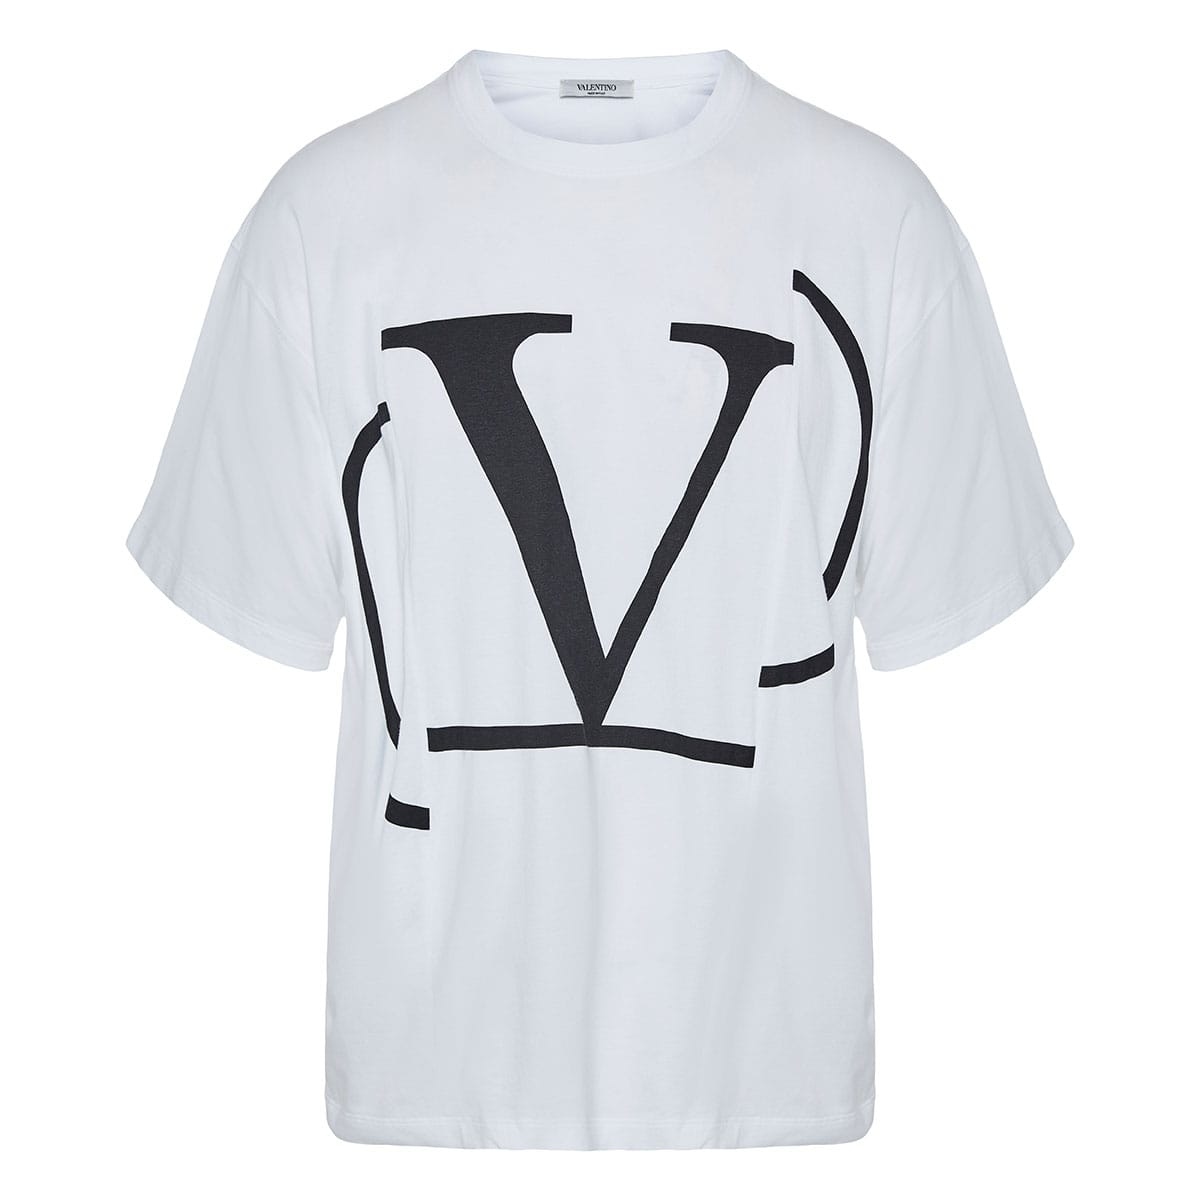 VLOGO oversized t-shirt